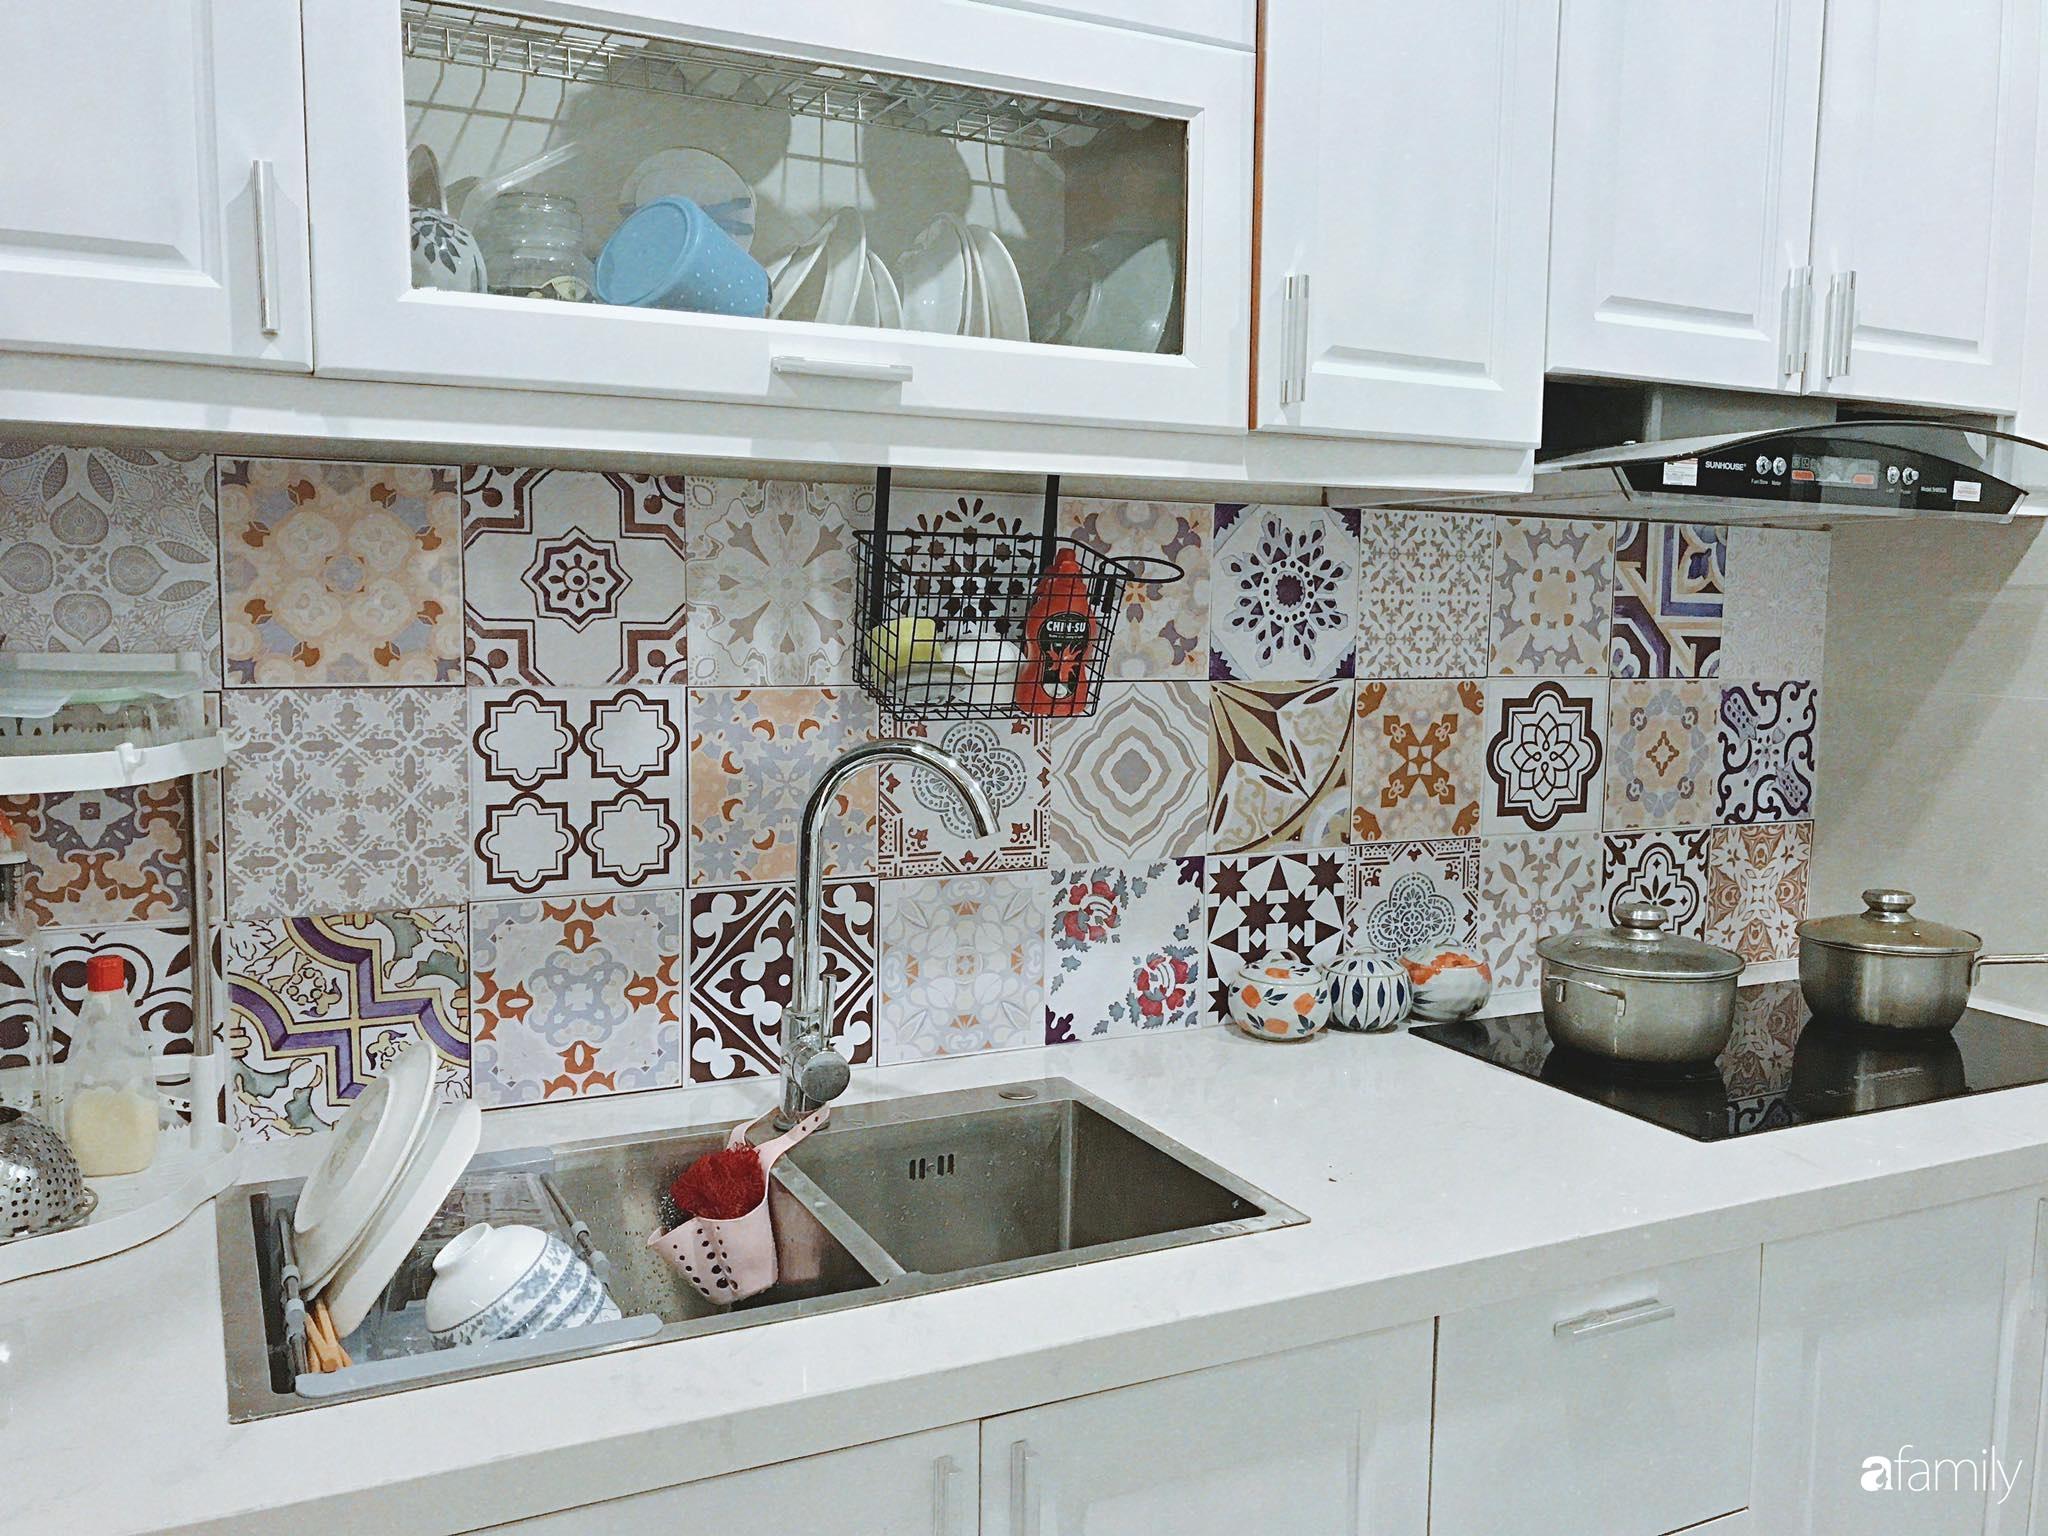 Căn bếp vừa gọn vừa xinh sau khi cải tạo với chi phí 2,6 triệu đồng của cô gái Hà Nội - Ảnh 10.